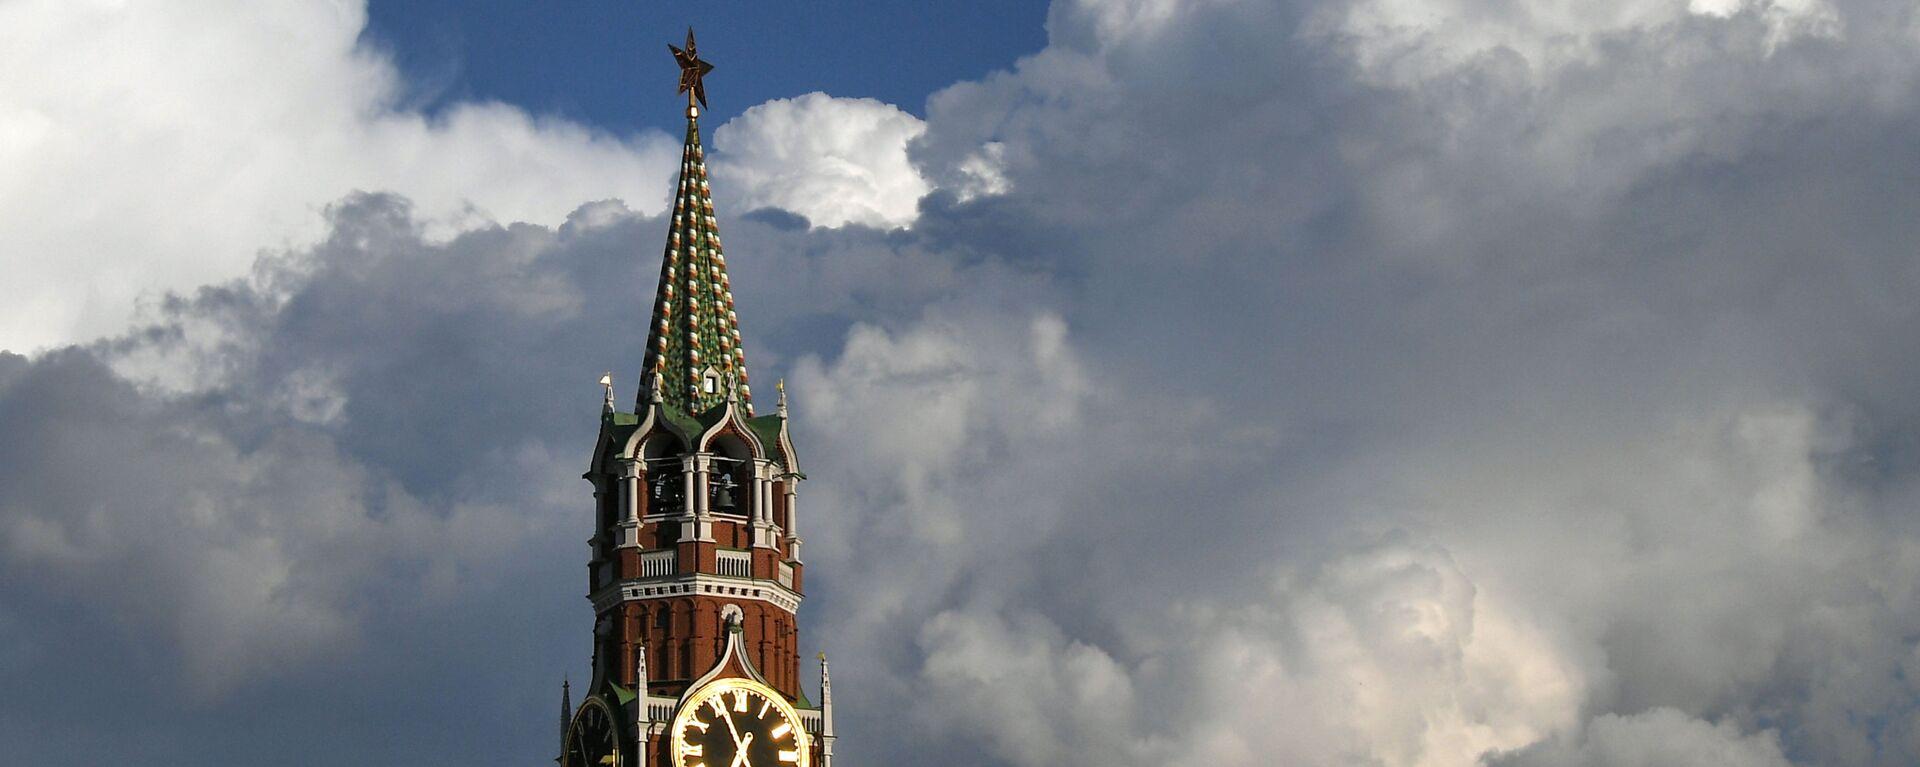 Спасская башня Московского Кремля - Sputnik Латвия, 1920, 28.06.2021